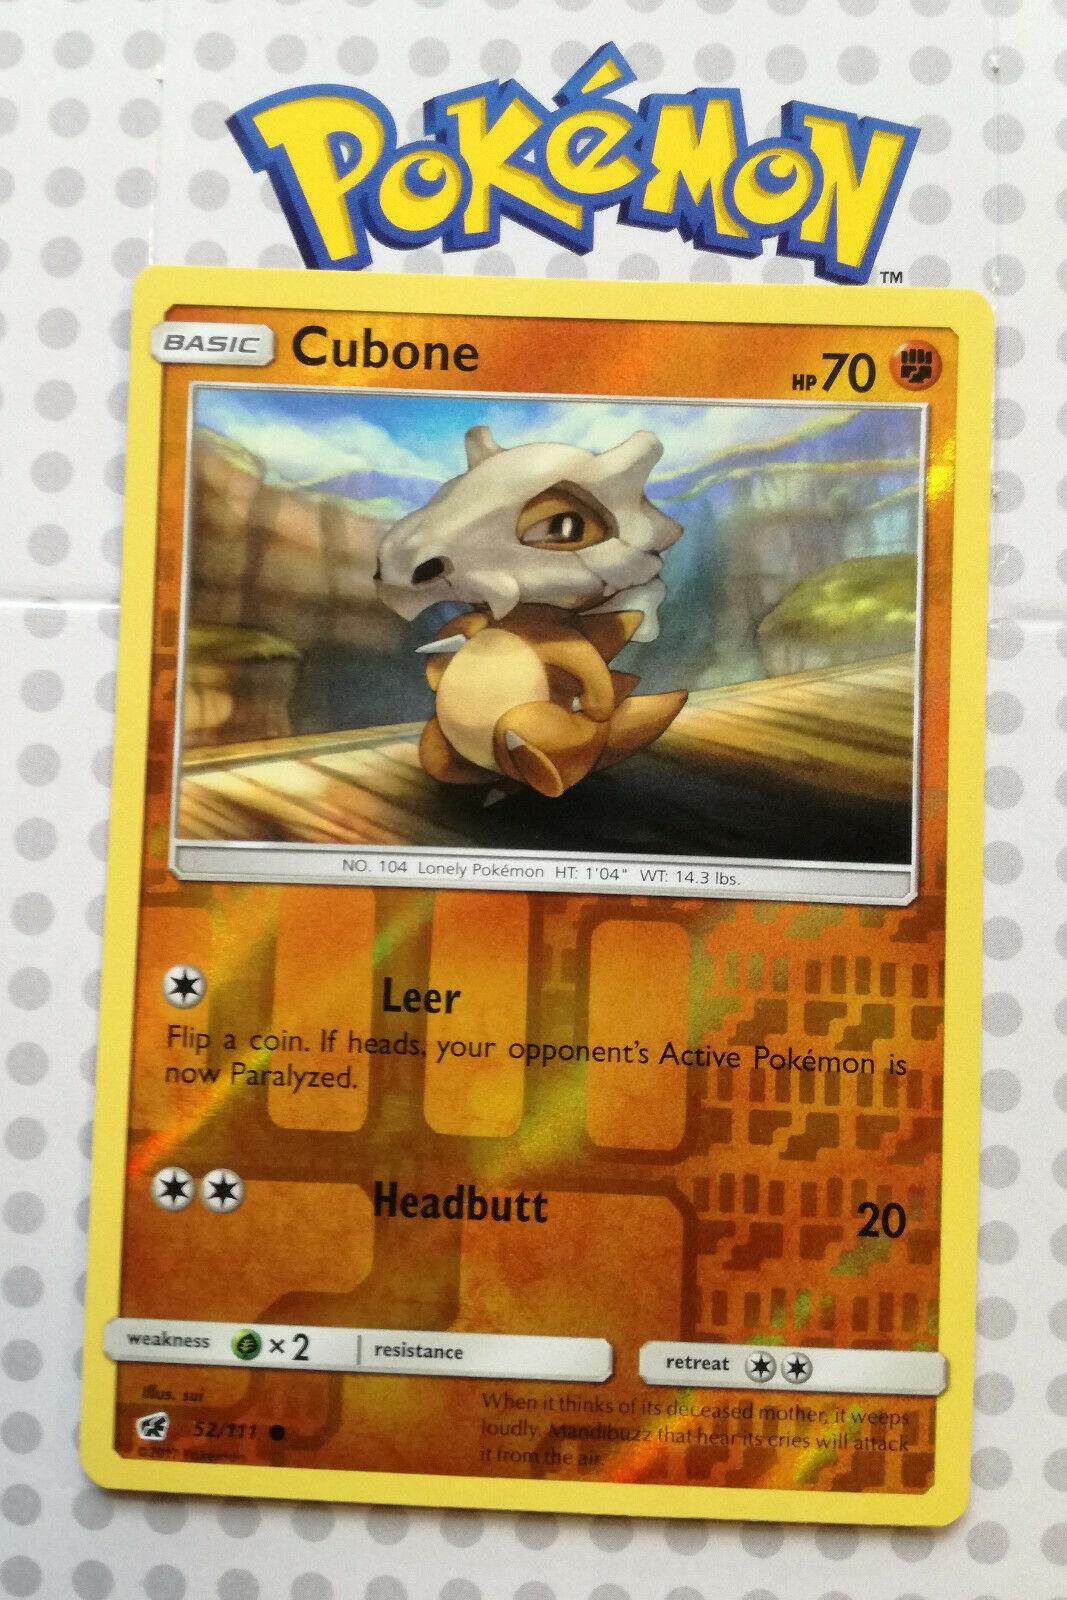 Pokemon card Cubone 52/111 Reverse Holo Basic Crimson Invasion Mint - Image 1